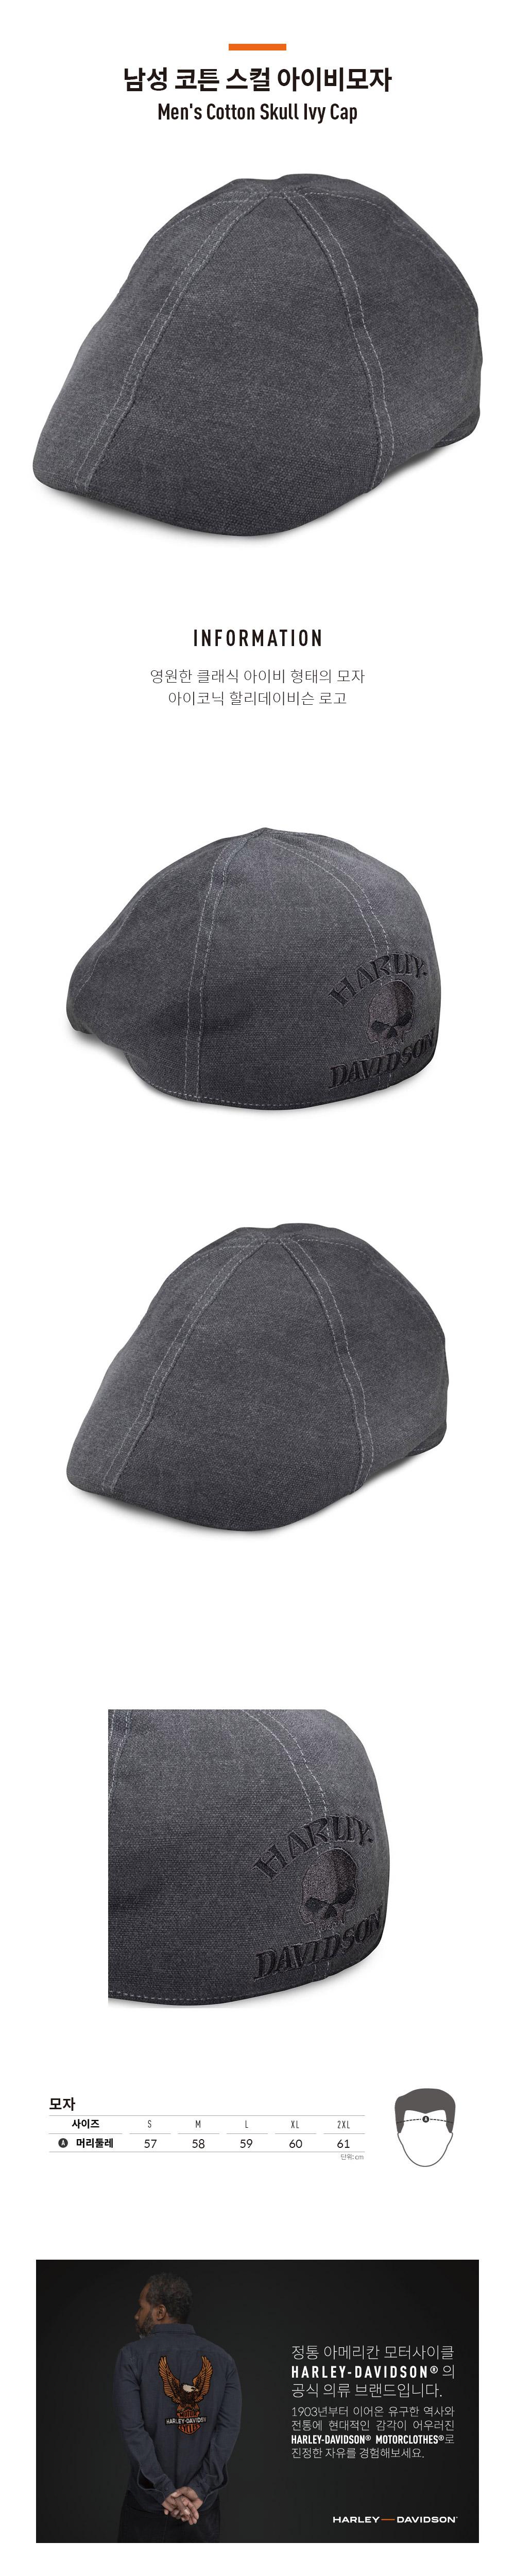 남성 코튼 스컬 아이비 모자